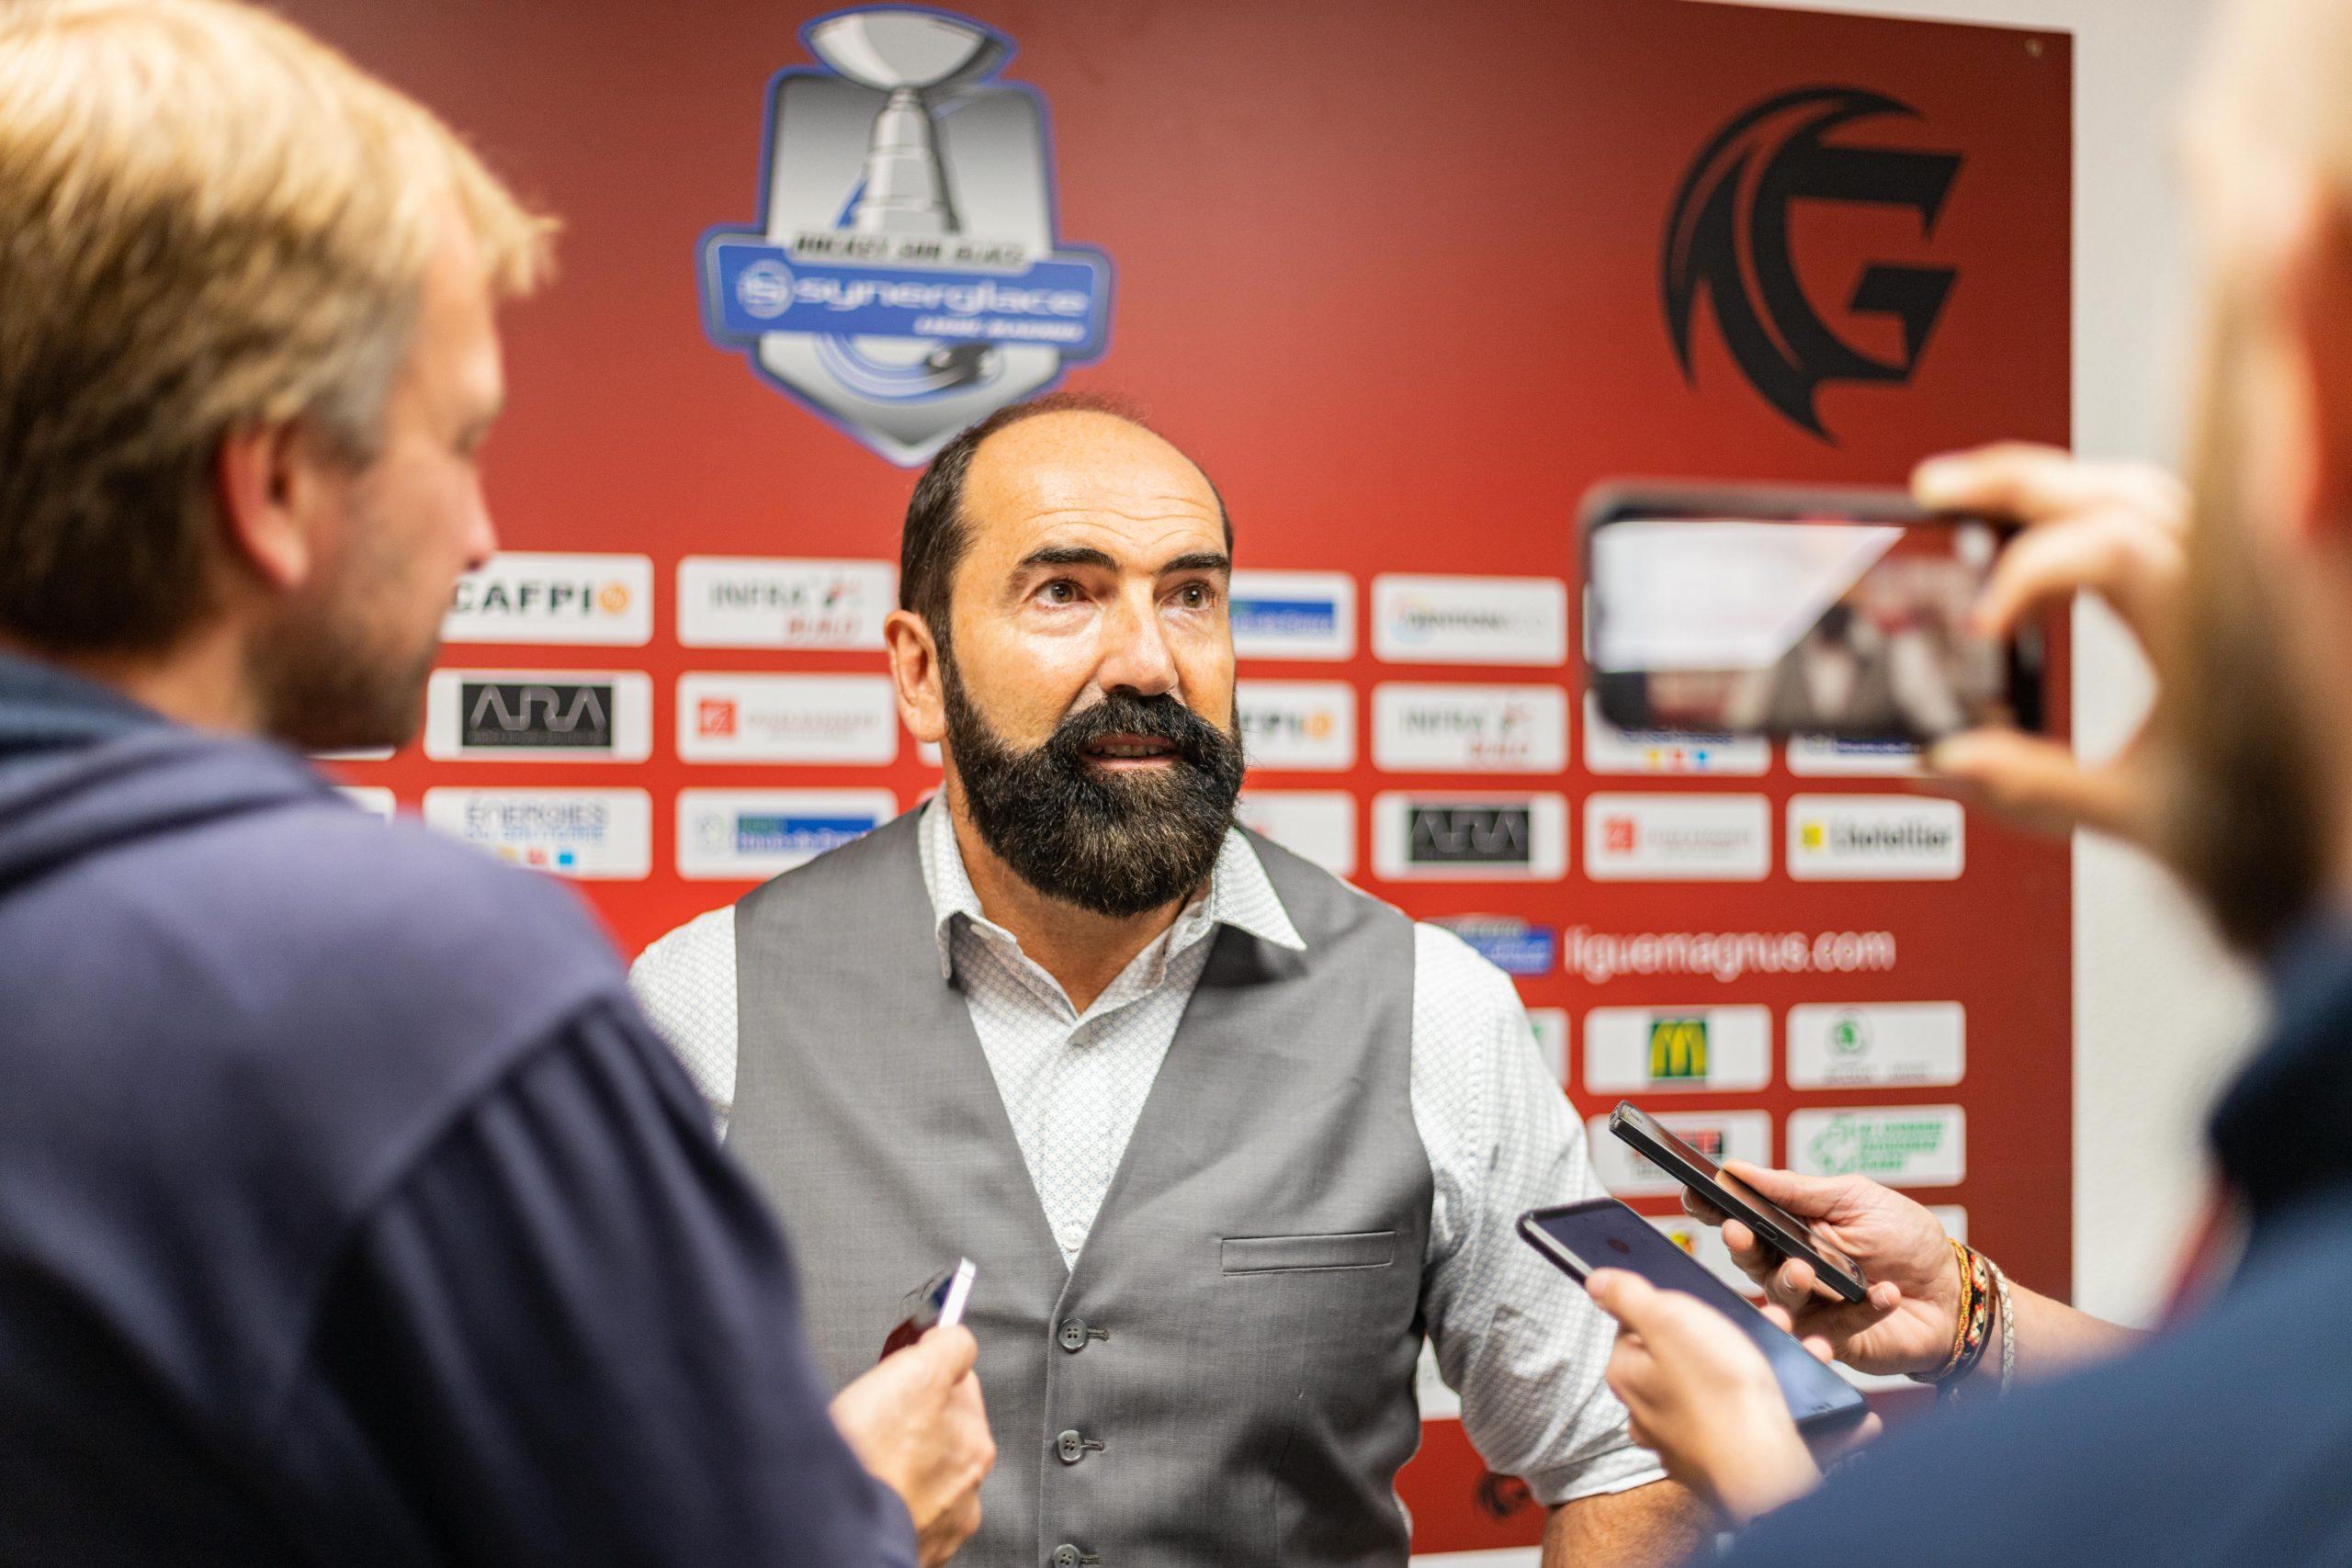 """""""Ce n'est pas simple de faire venir des joueurs ici en essayant juste de leur vendre la cathédrale"""". Mario Richer (Coach Amiens)"""